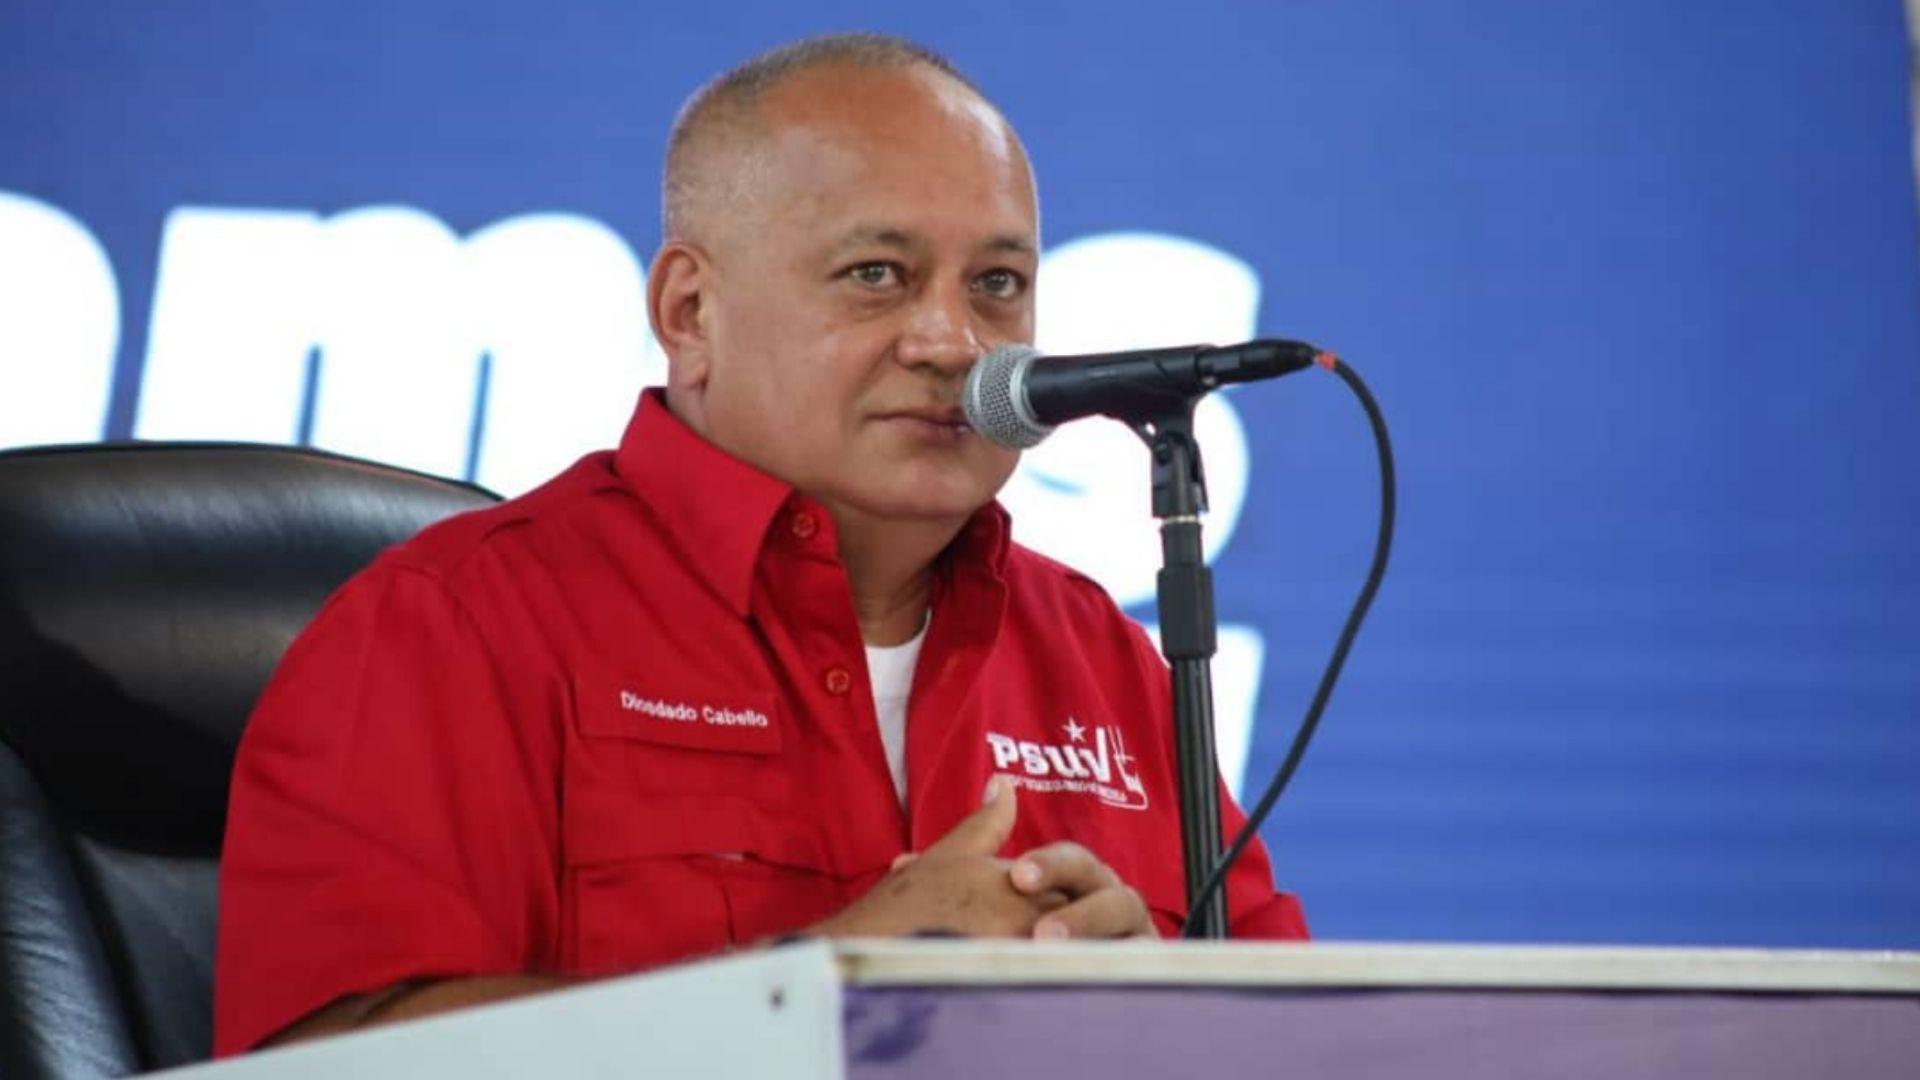 UE aprueba nuevas sanciones contra dirigentes del chavismo tras comicios de diciembre